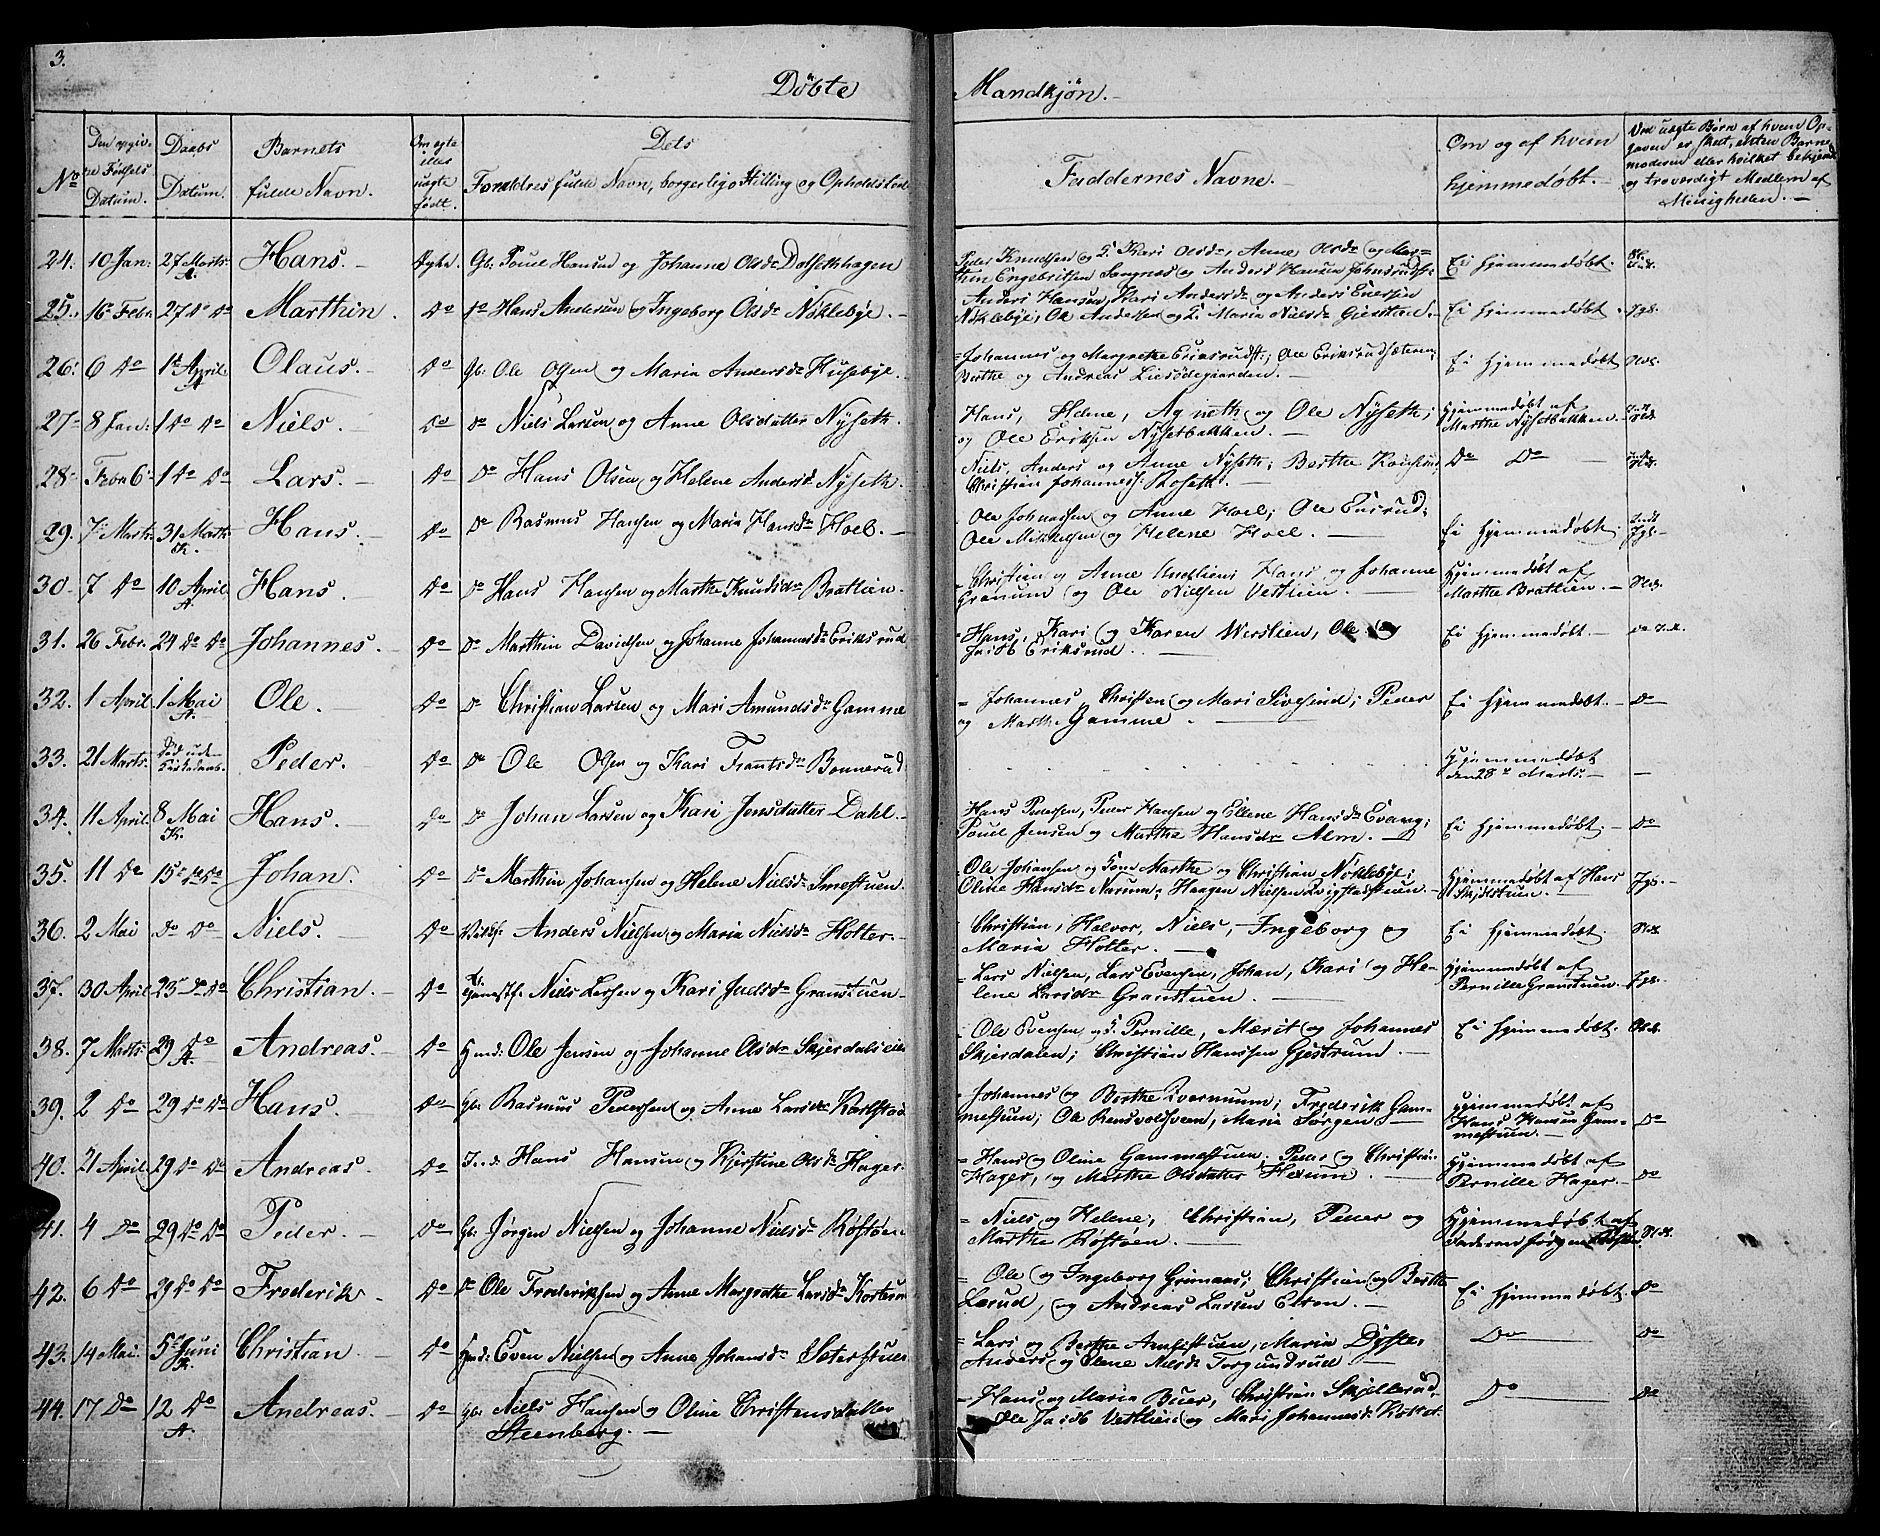 SAH, Vestre Toten prestekontor, Klokkerbok nr. 1, 1830-1836, s. 3